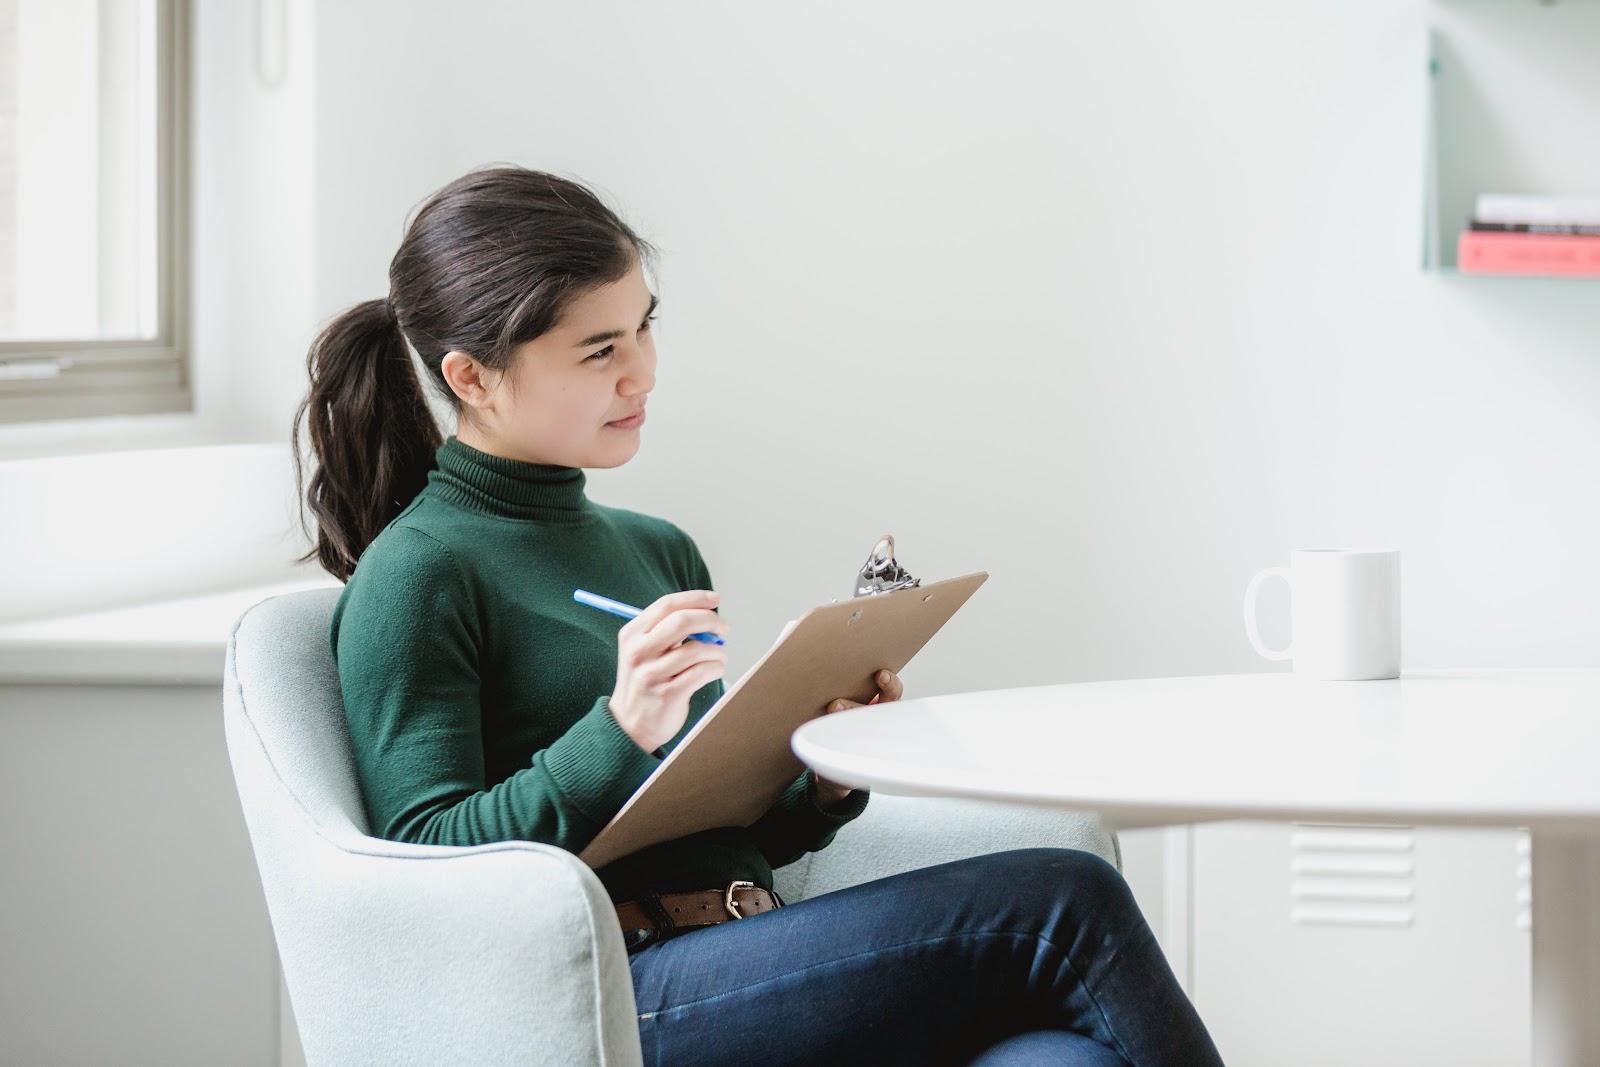 Uma mulher com uma caderneta avaliando alguém.